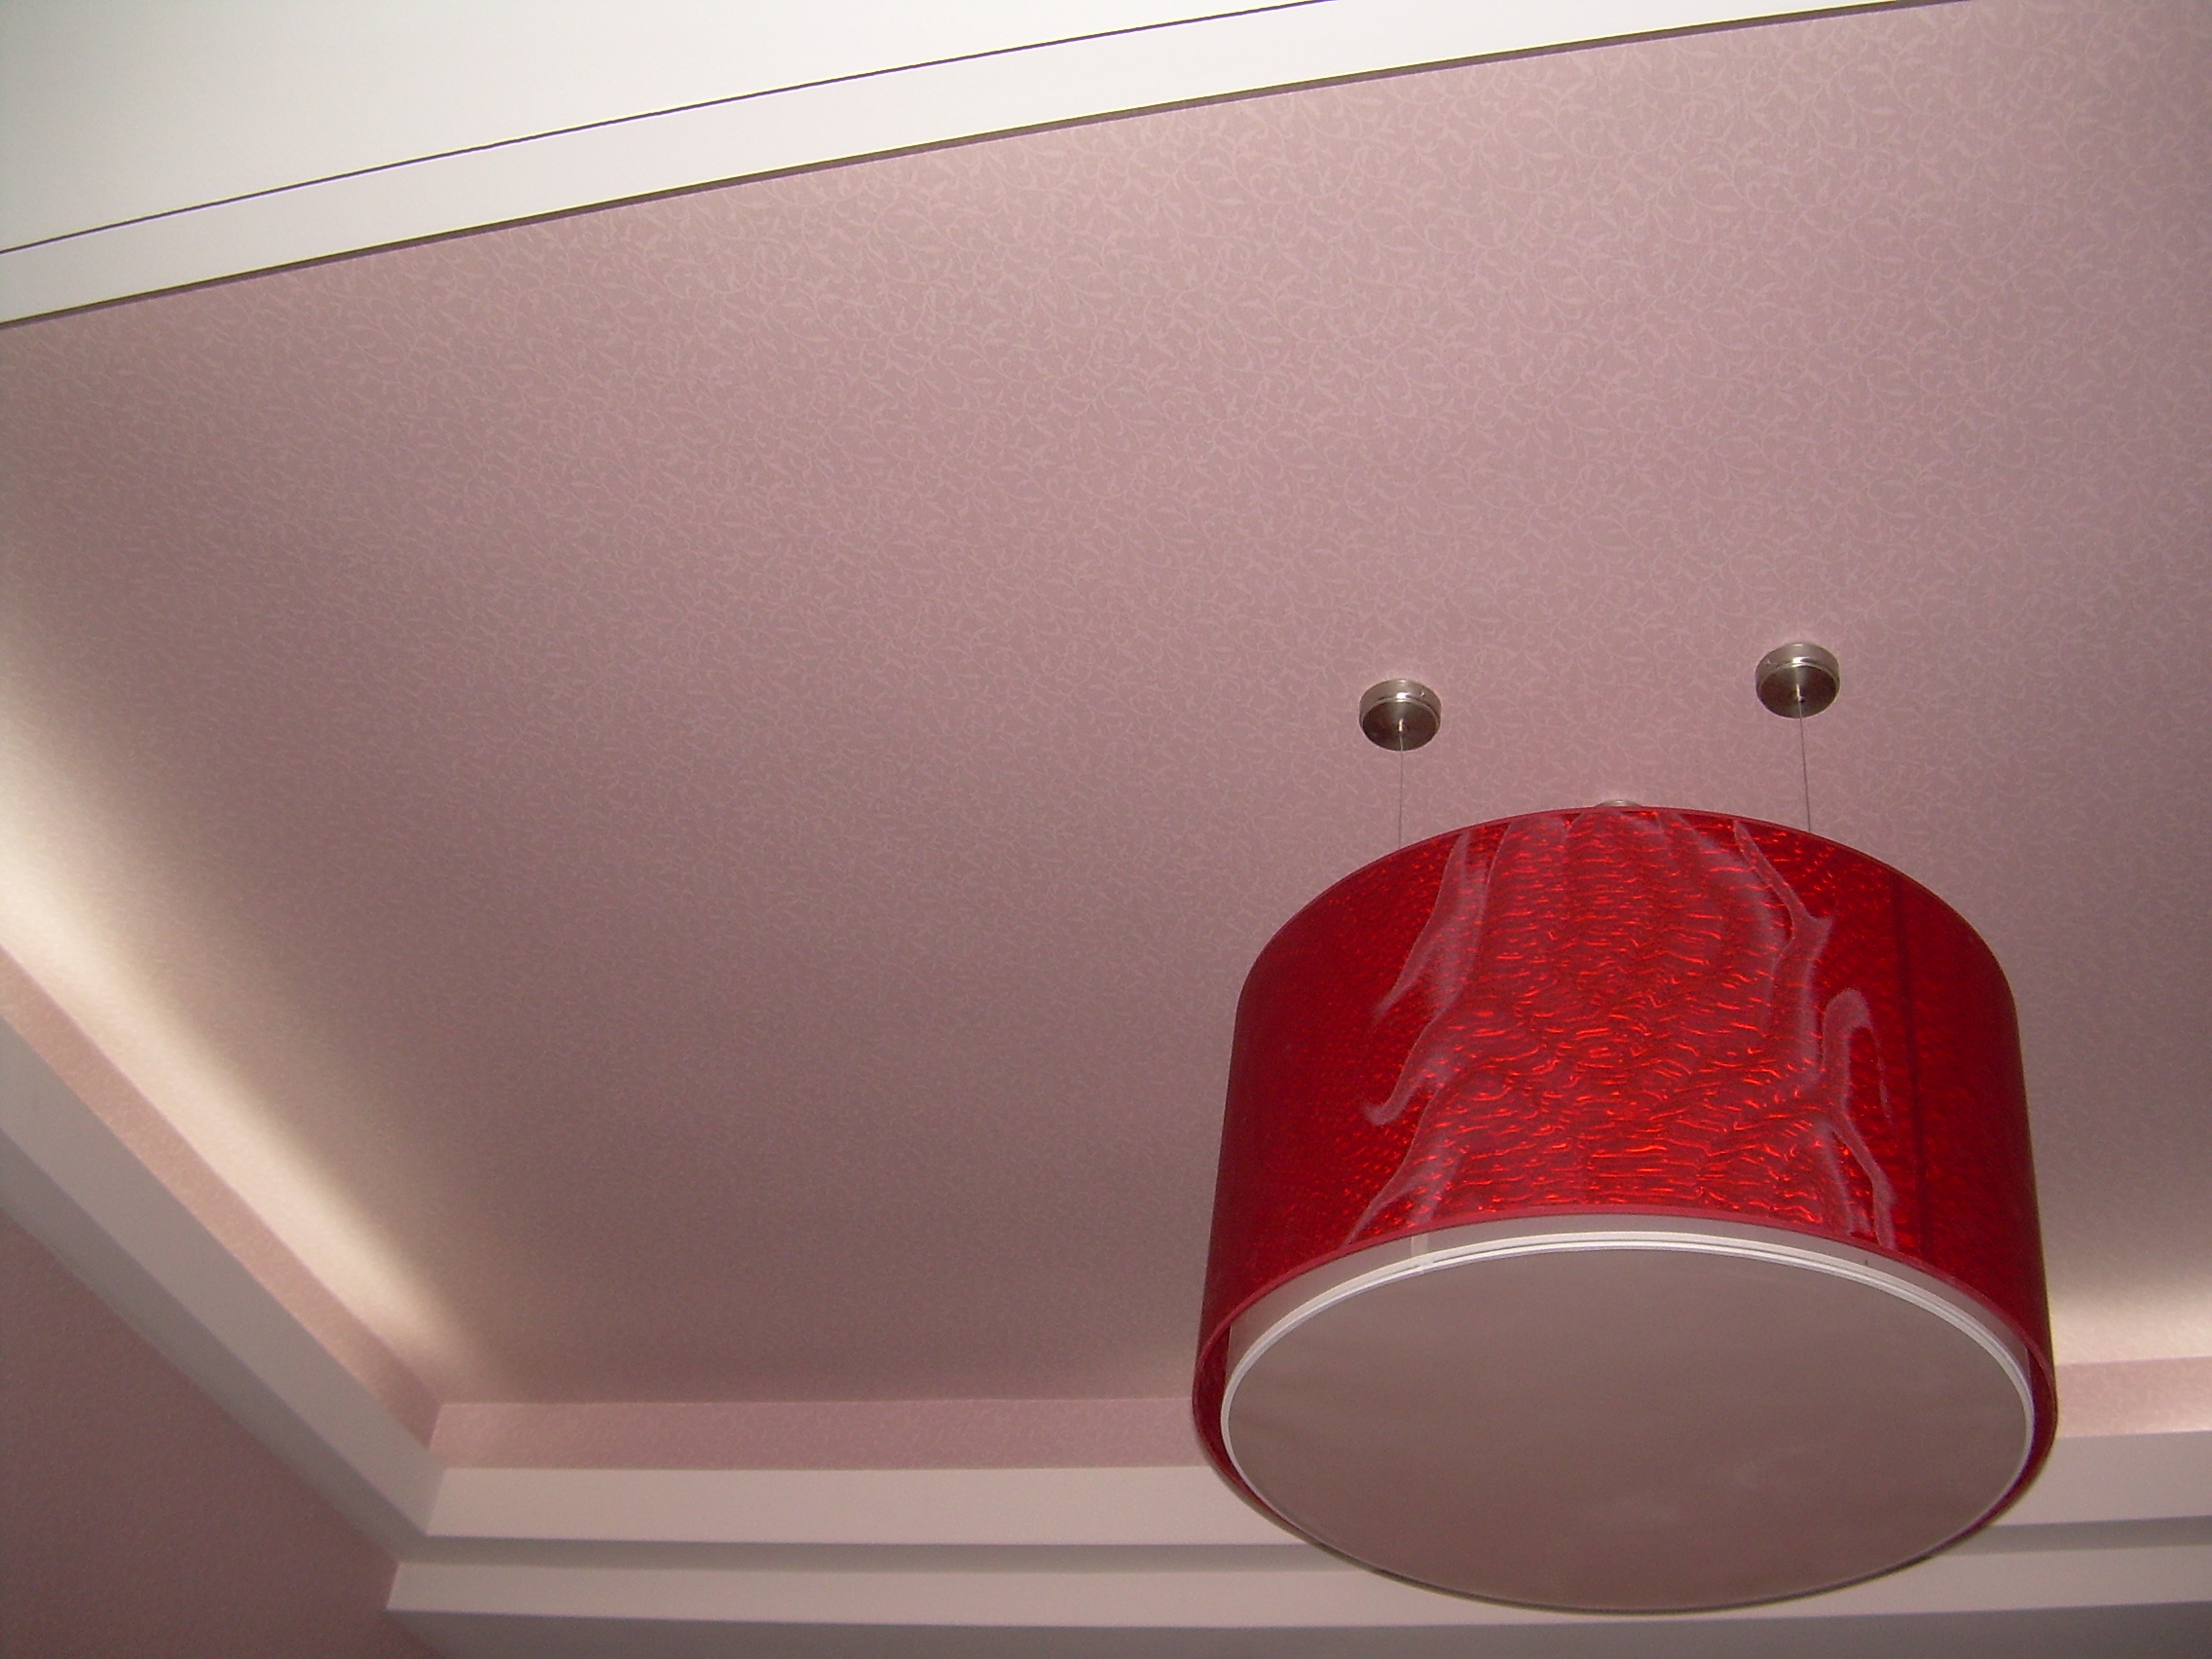 Lucrari de amenajare interioare cu tapet  - Poza 87